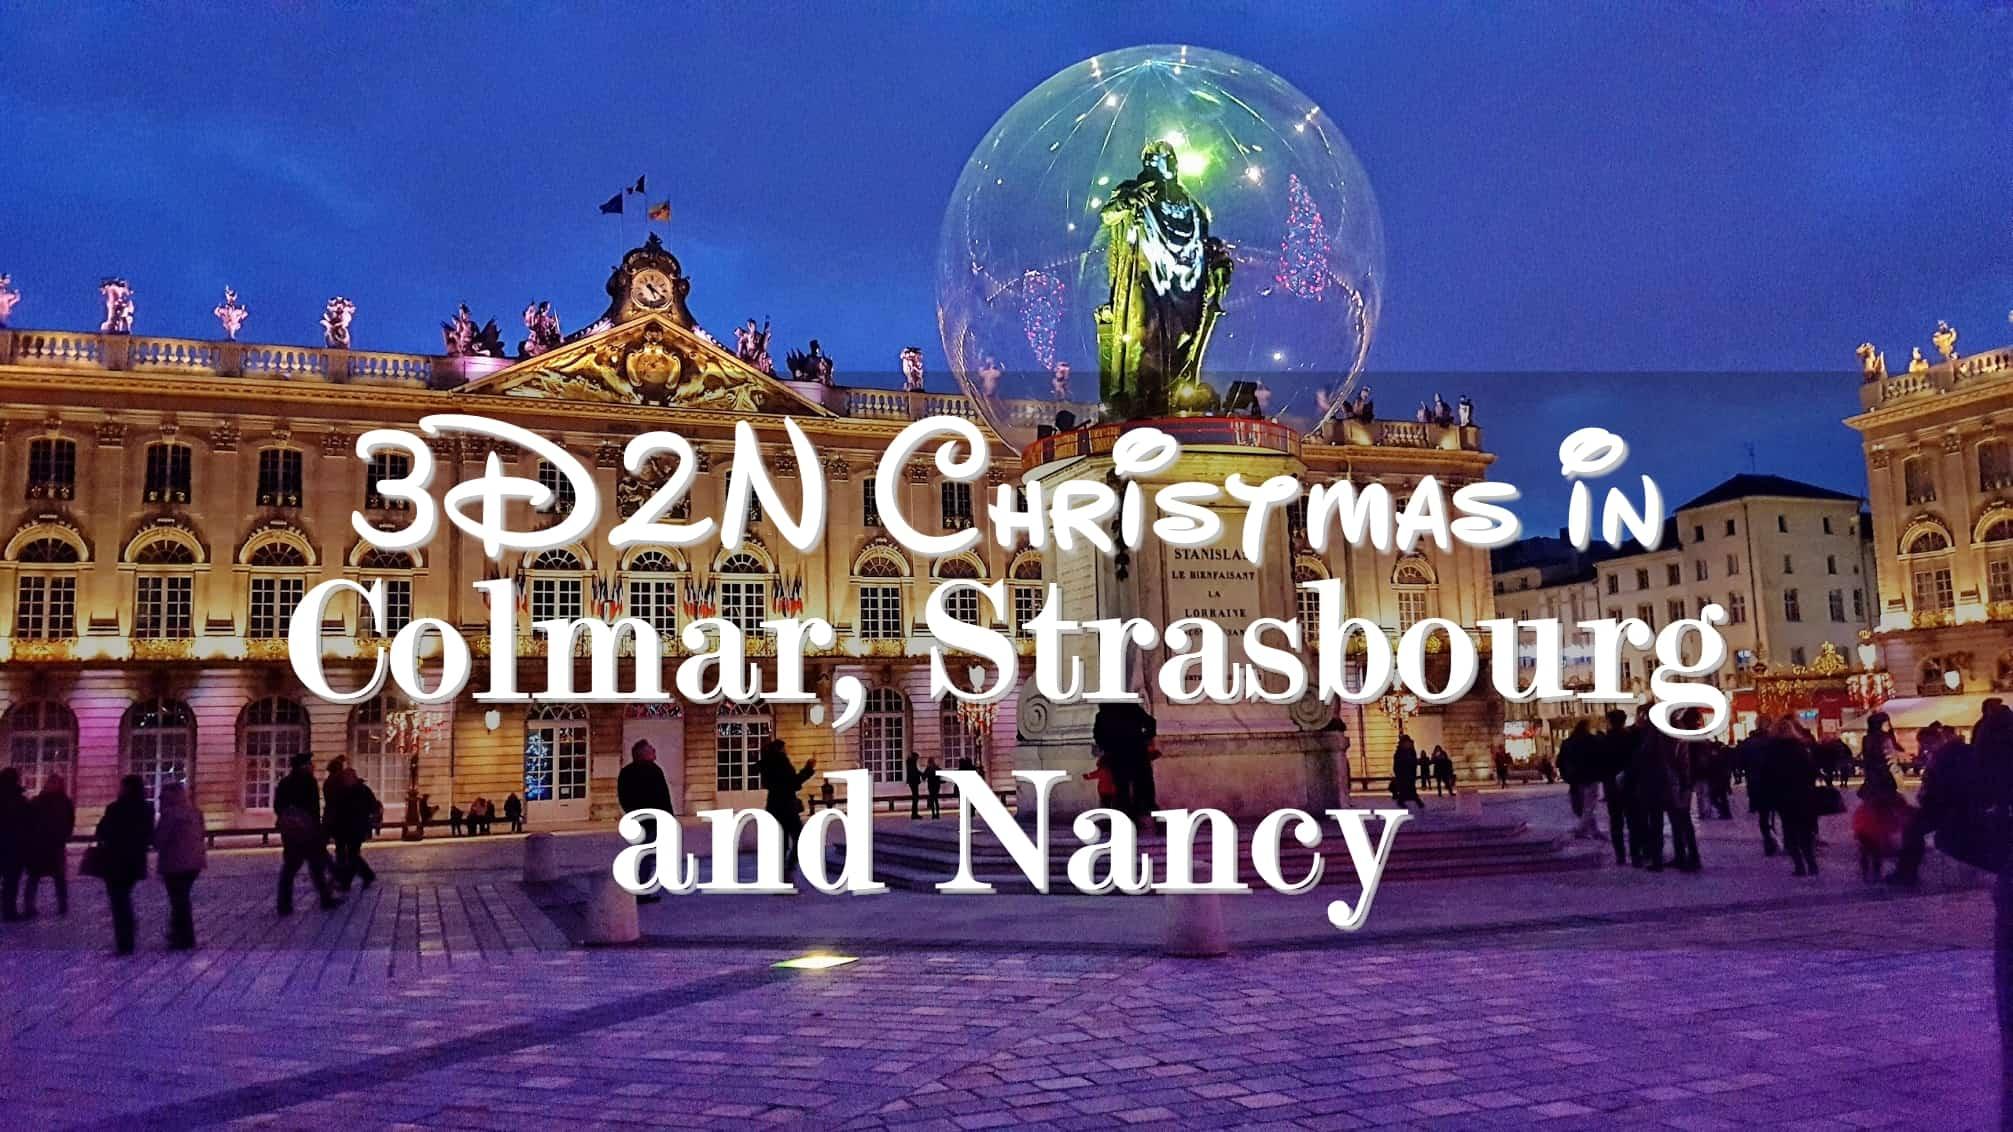 3D2N Christmas in Colmar, Strasbourg and Nancy